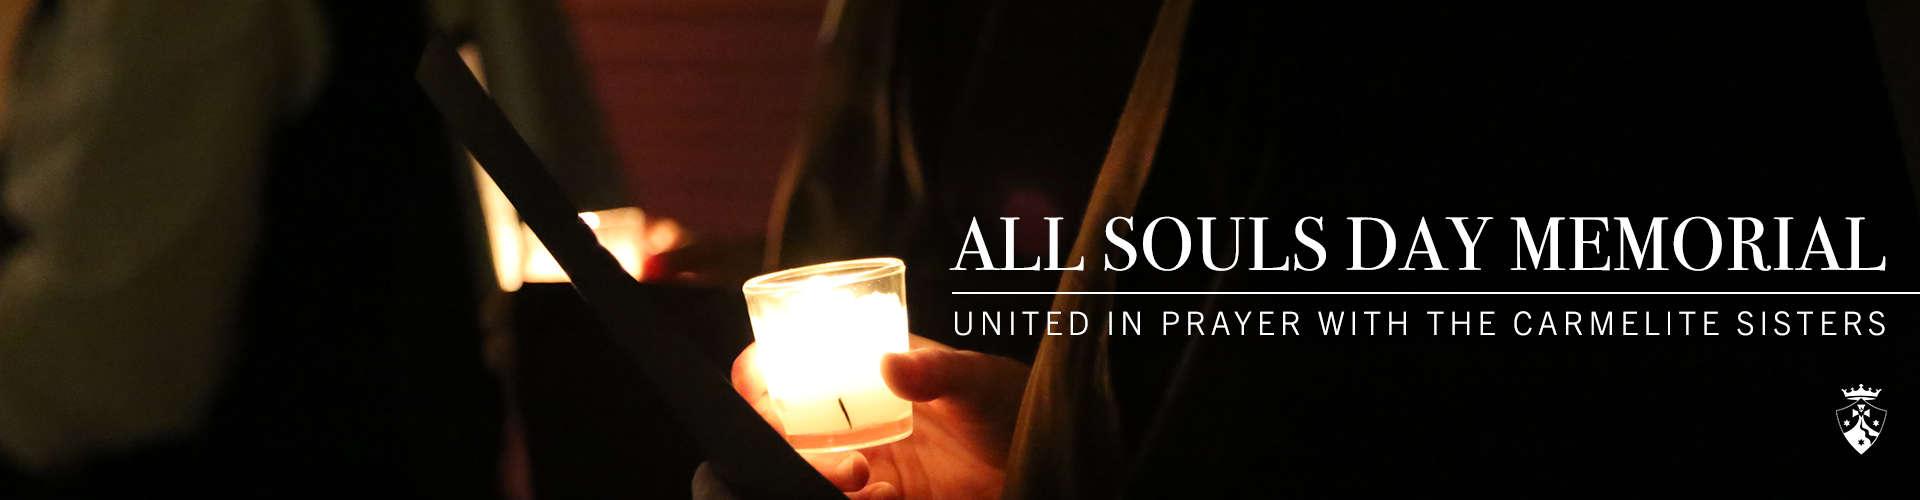 All Souls Day Memorial